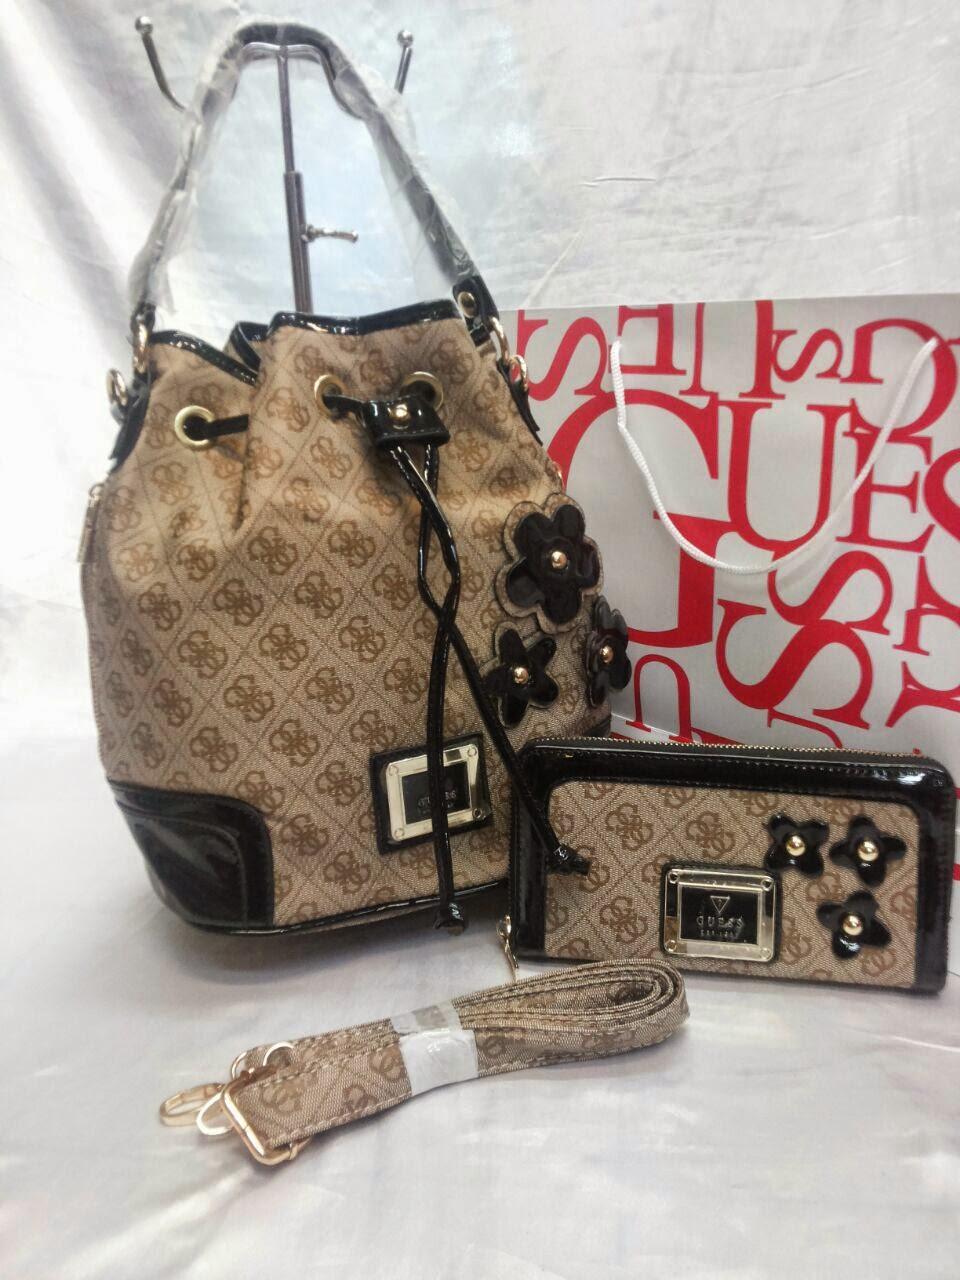 Handbags   Closets  Handbag GUESS Special Offers! a85a8edc1dc